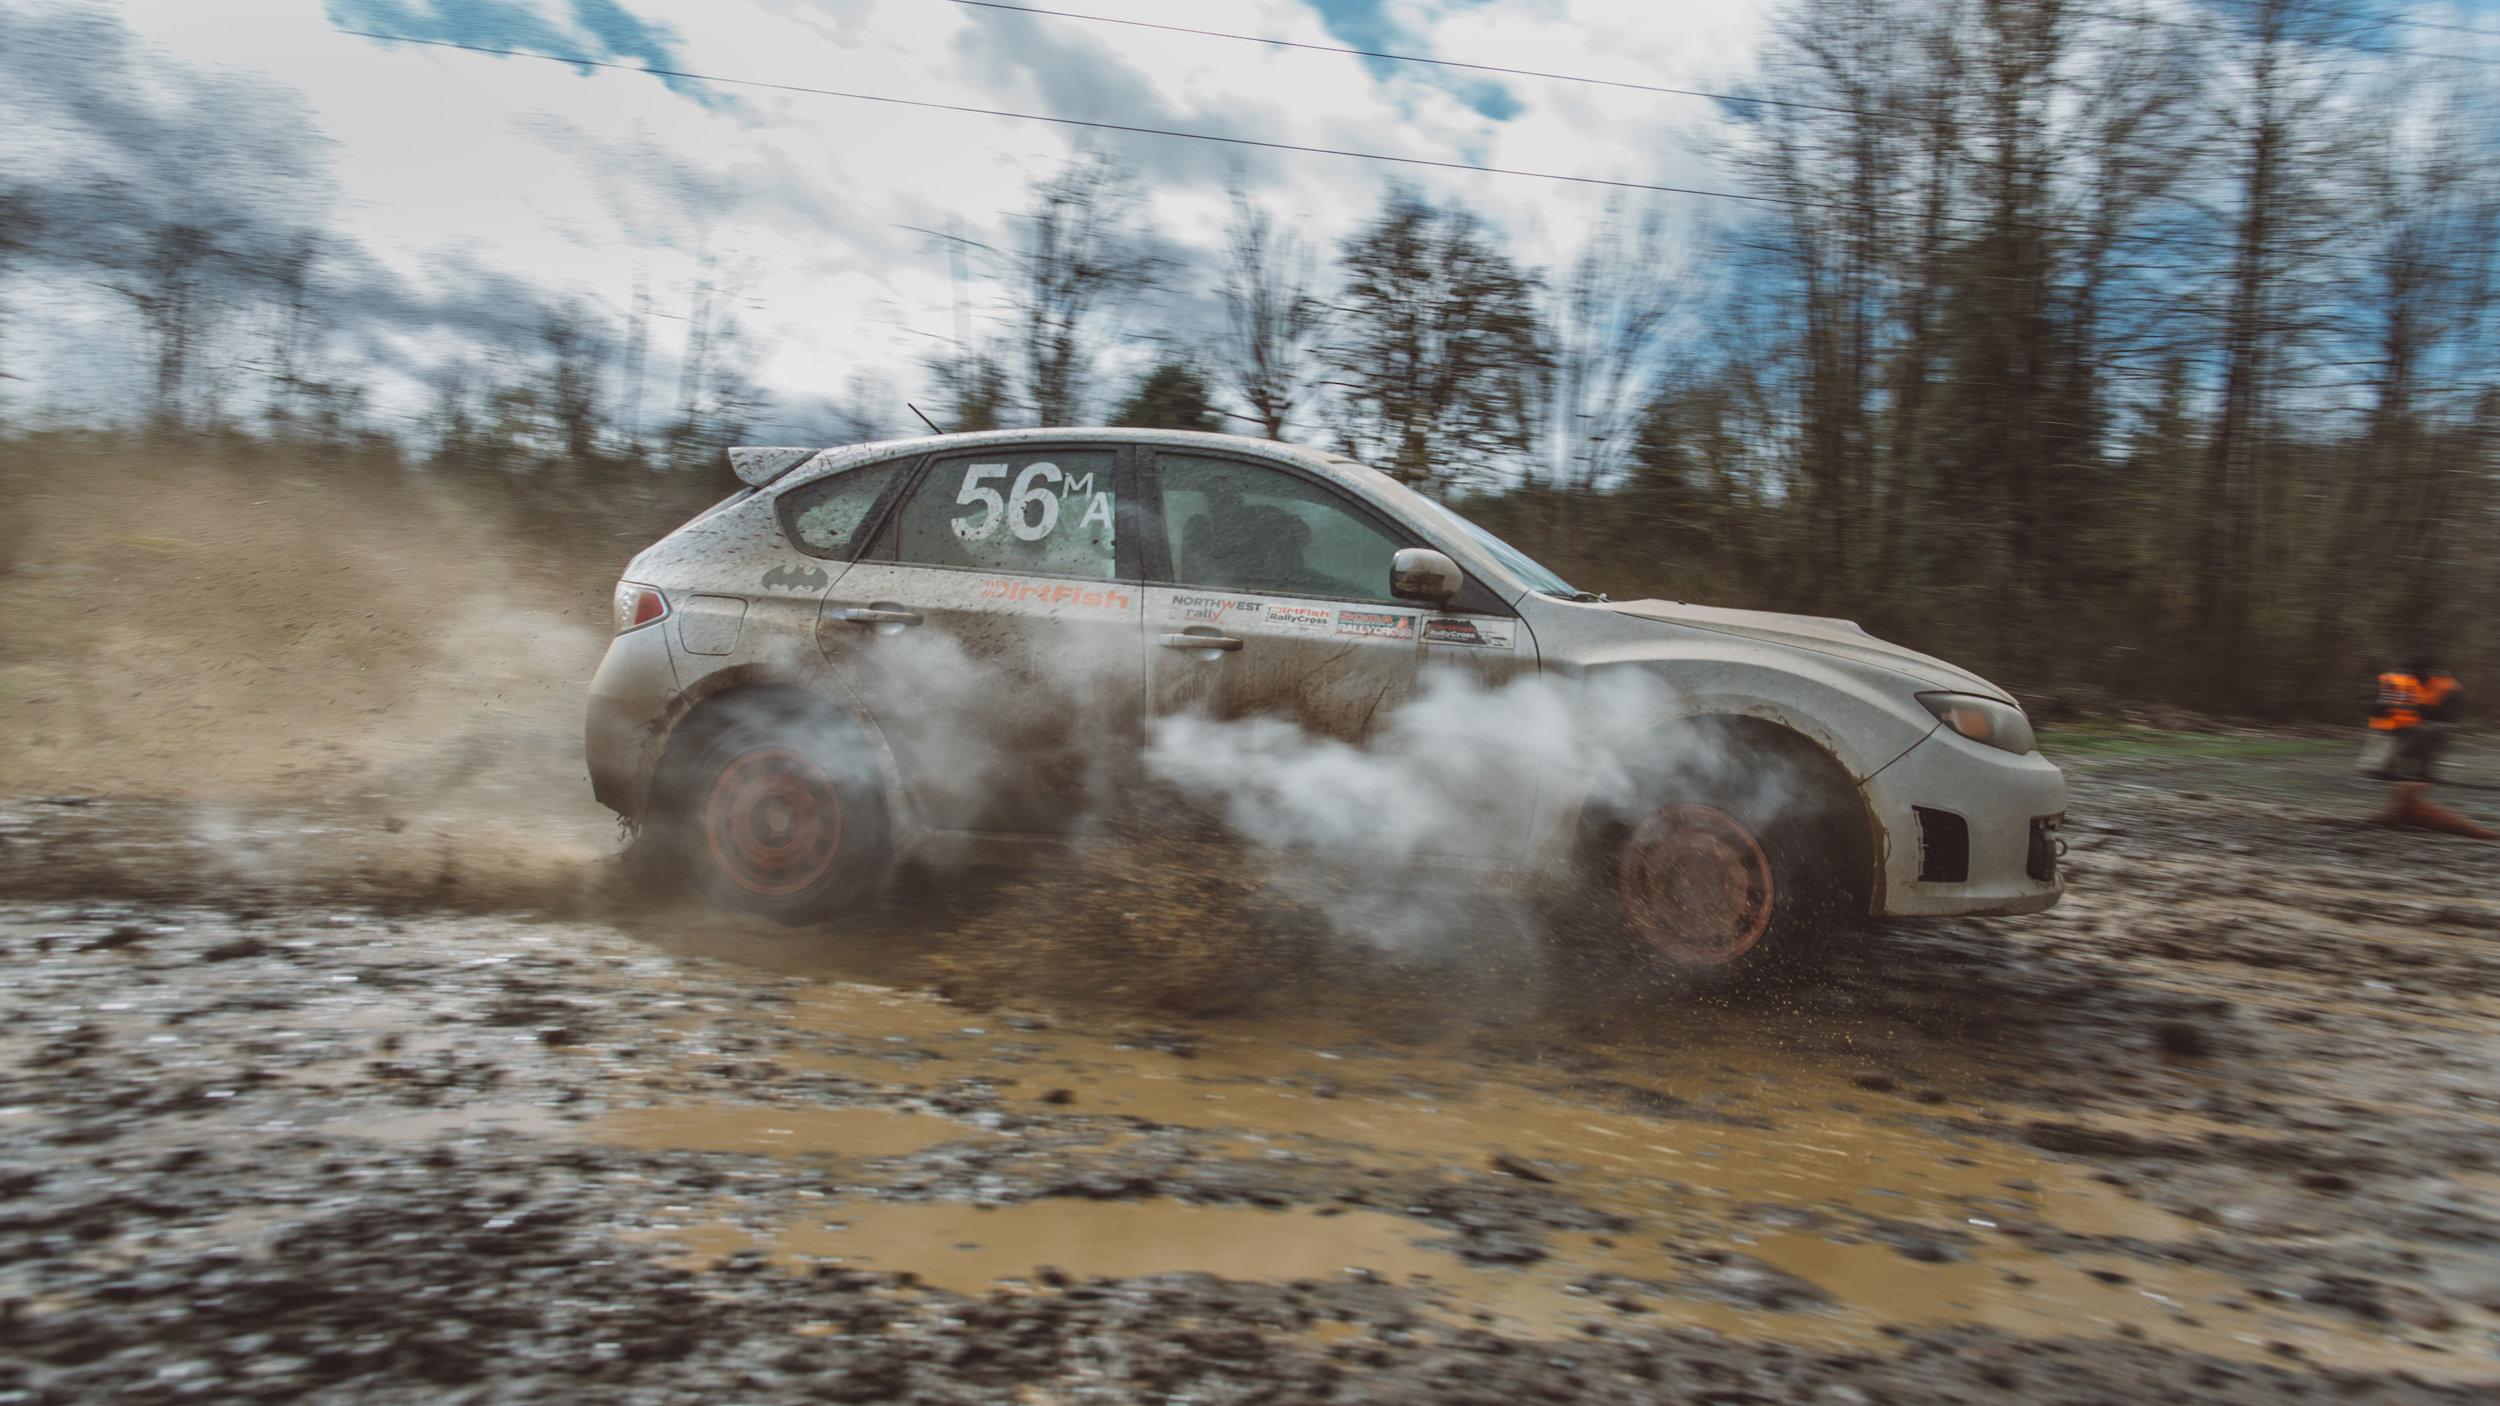 nw rally-7654.jpg